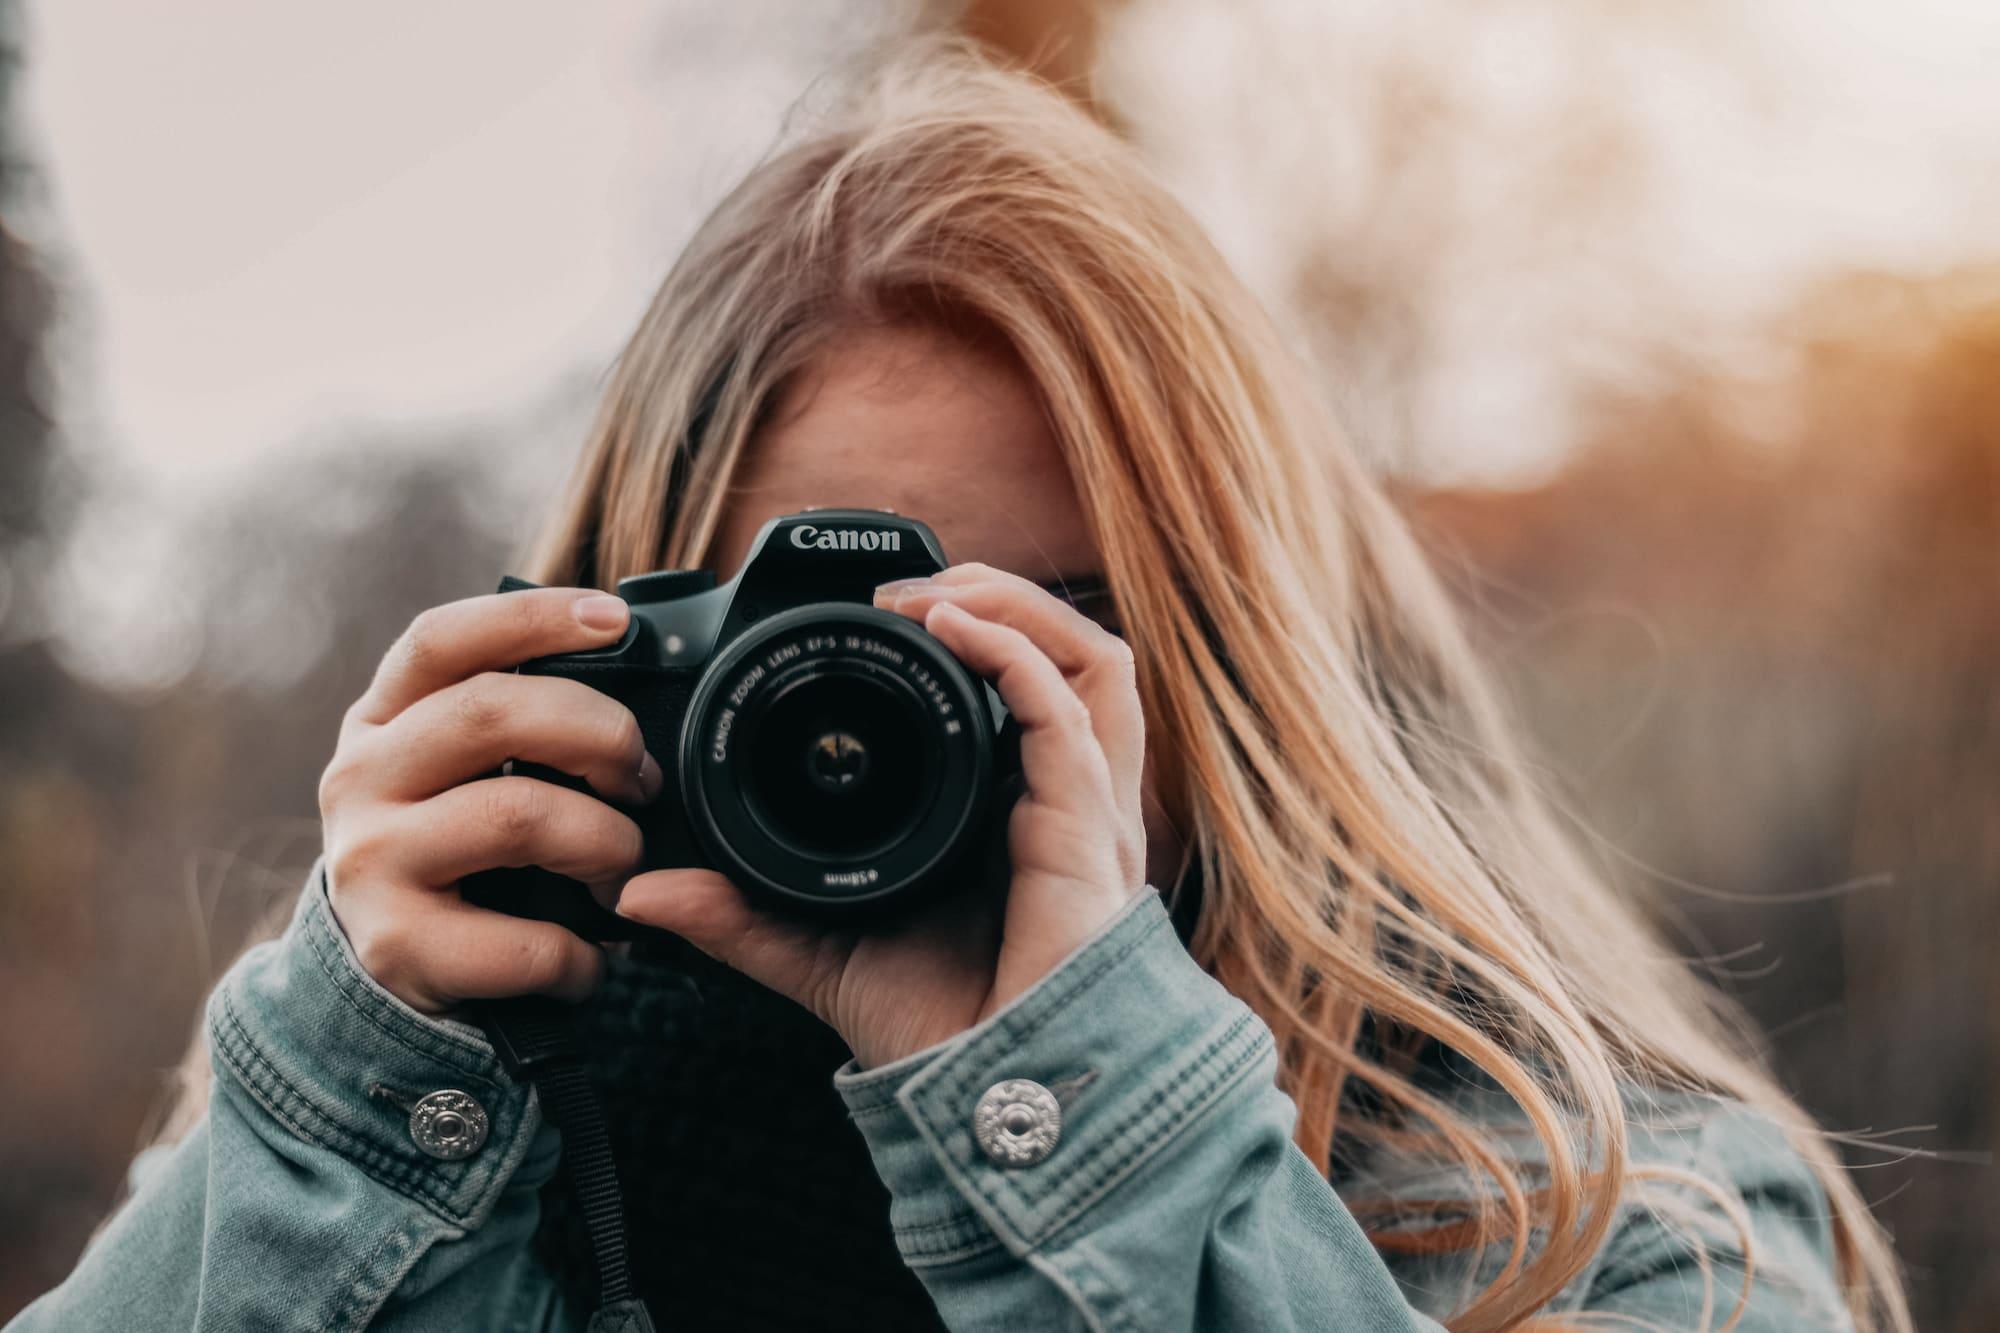 reiseblogger kamera equipment